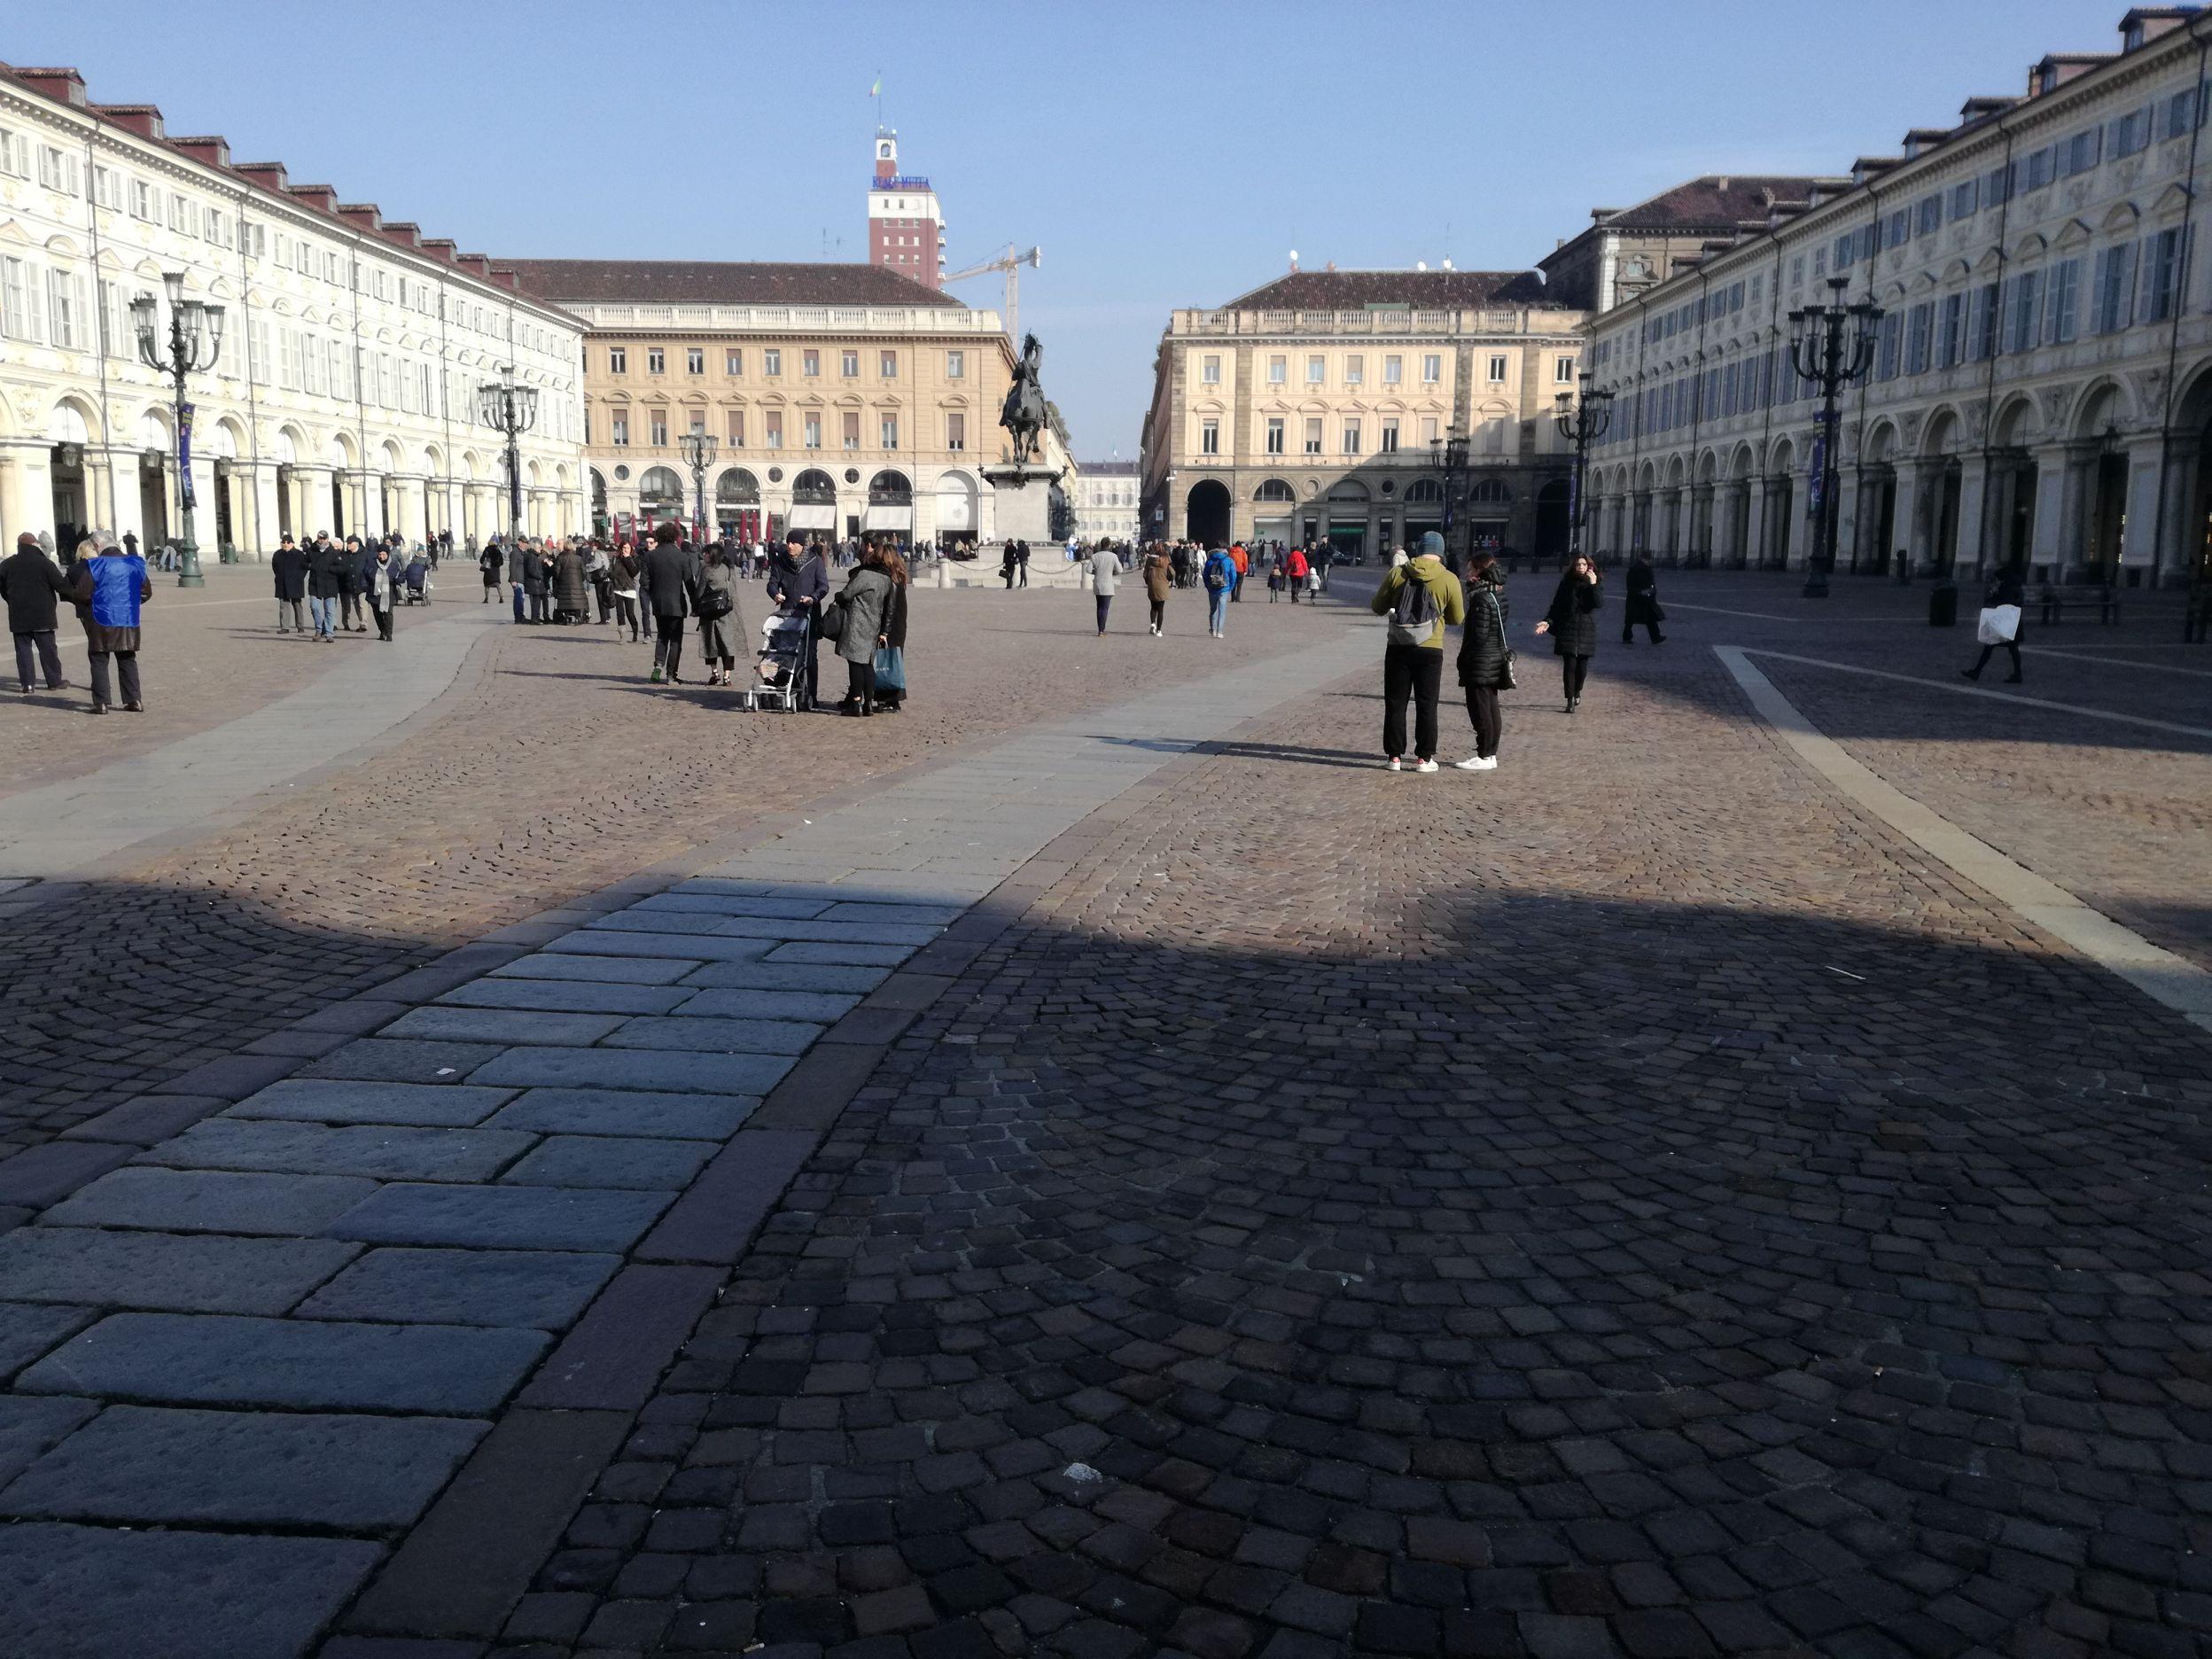 02_Piazza San Carlo